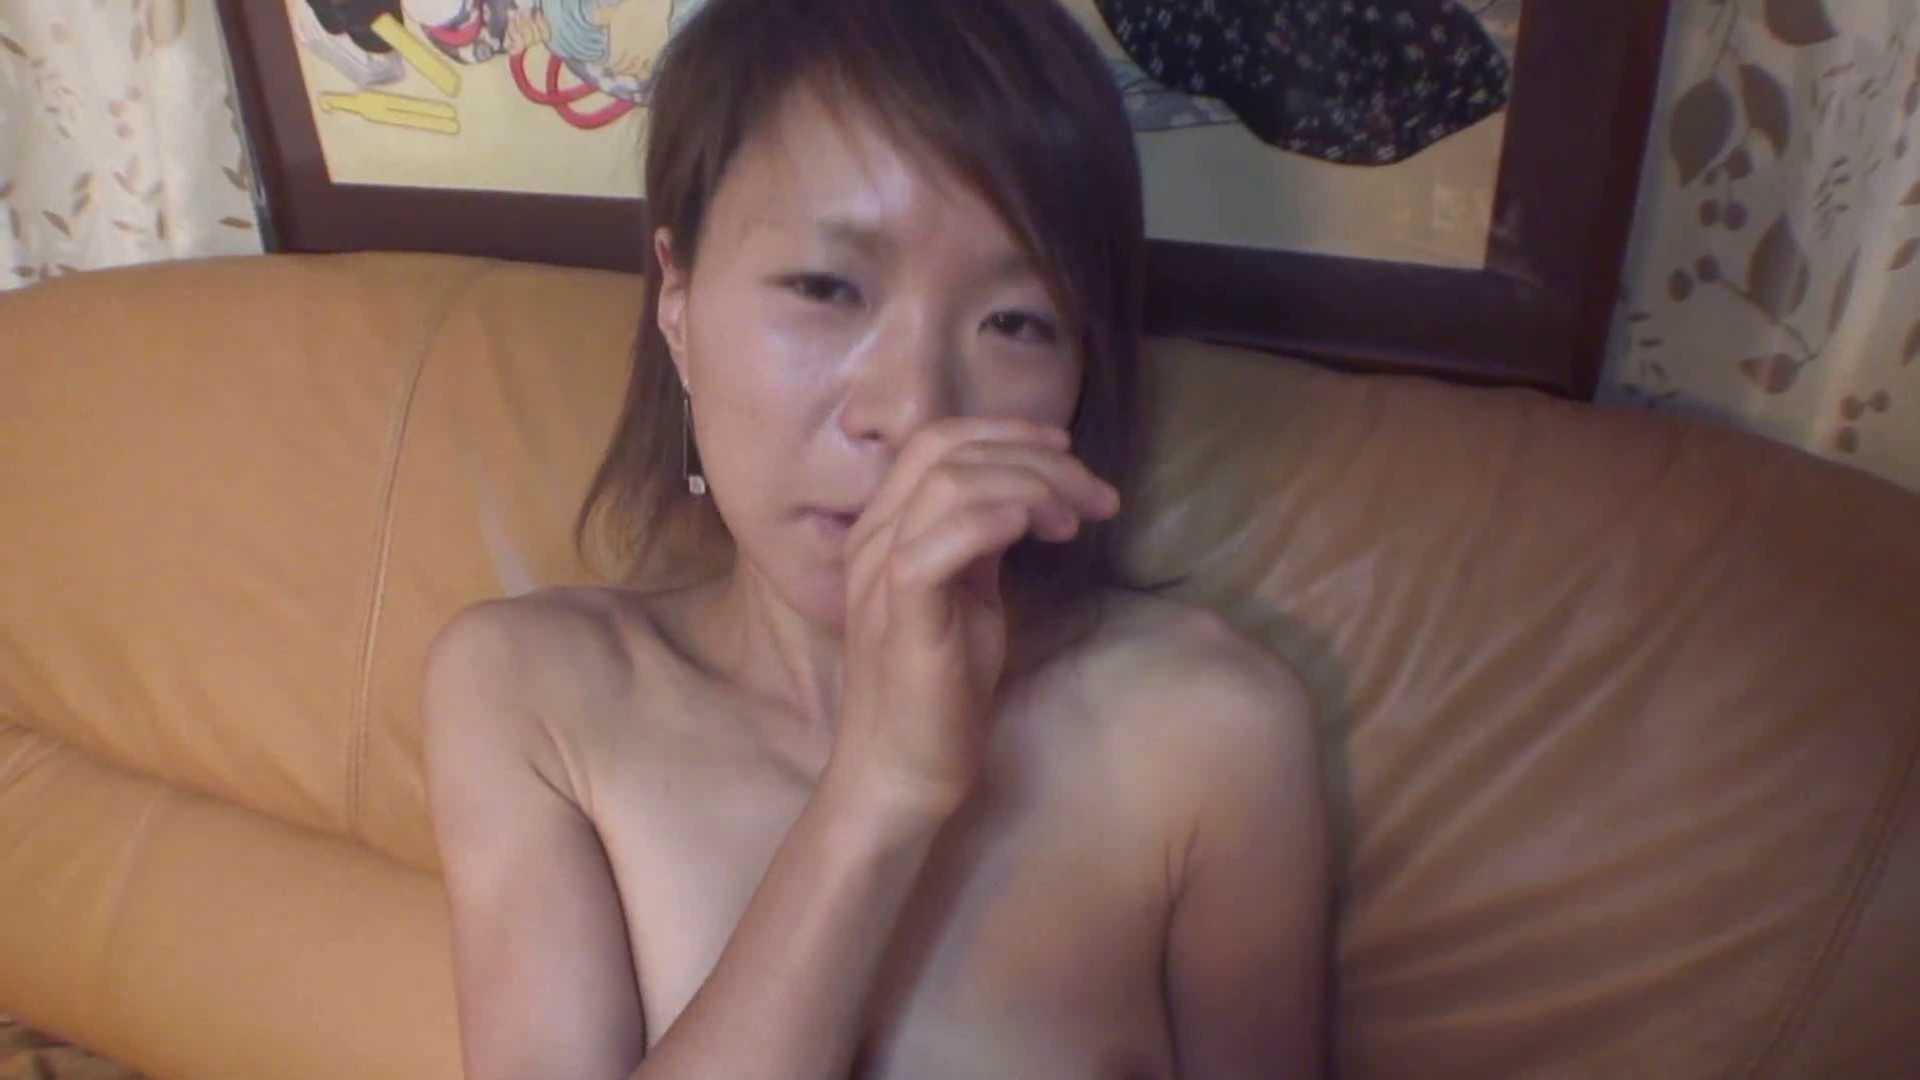 鬼才沖本監督作品 フェラしか出来ない女 高画質 | アナル  86枚 22